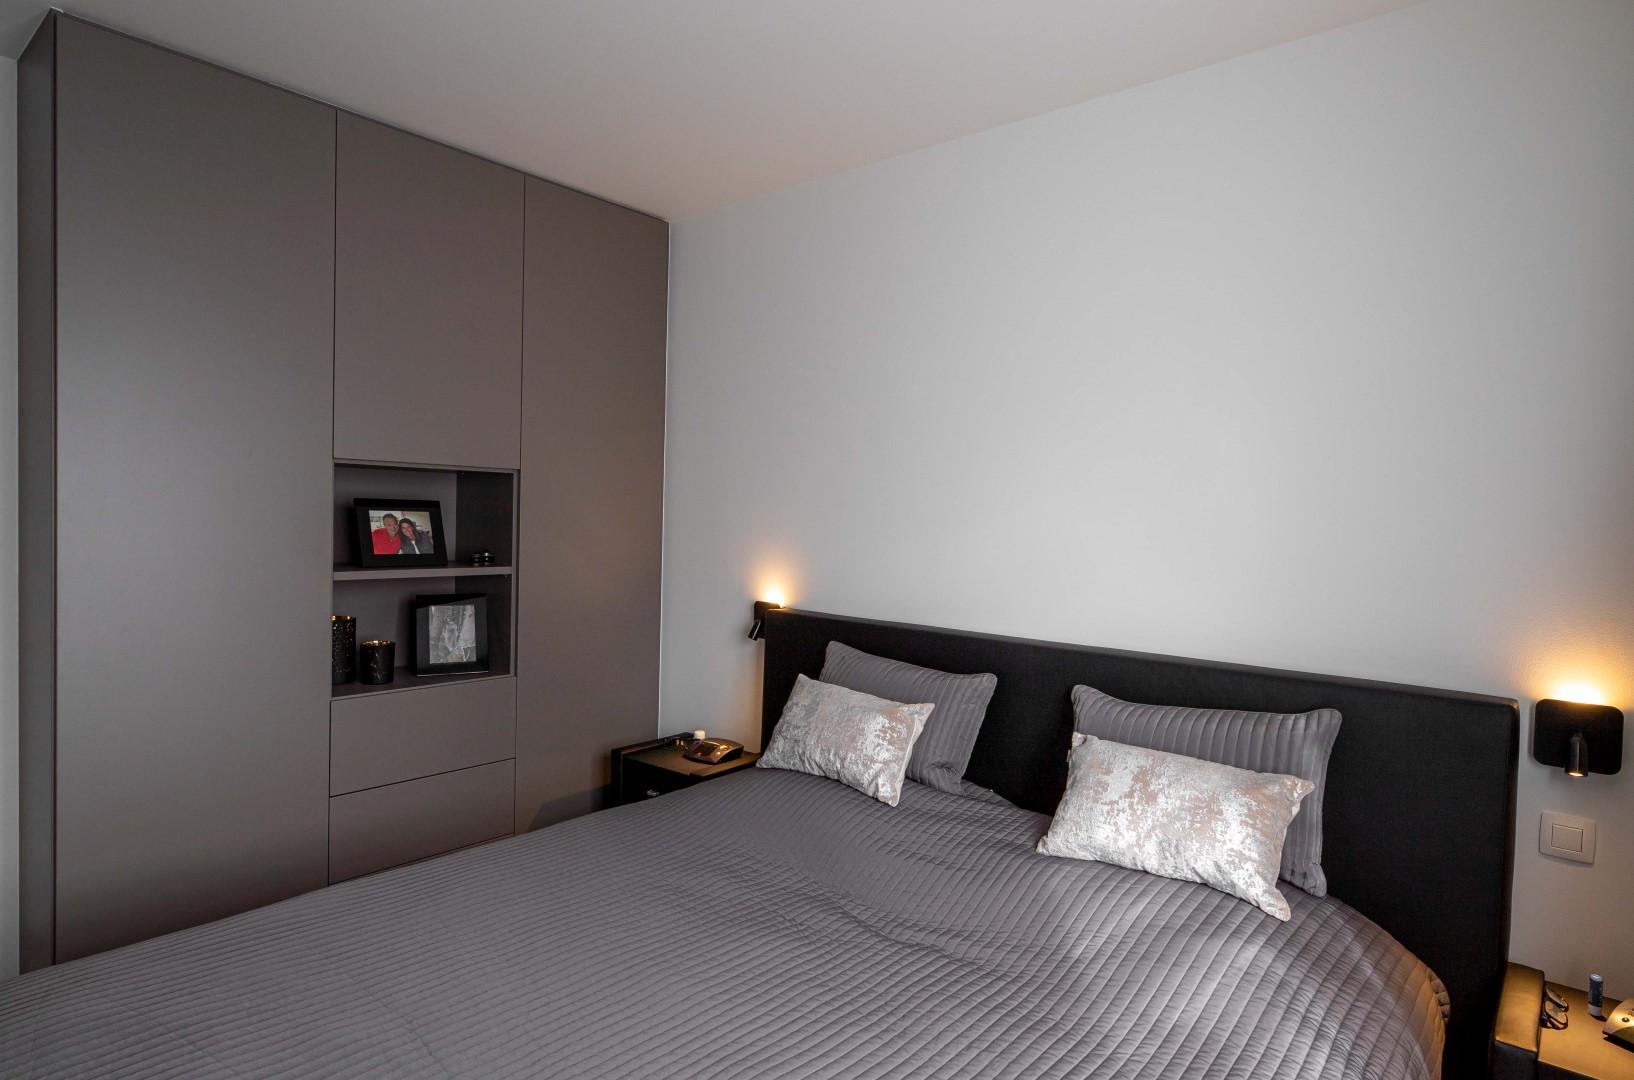 Slaapkamerkast met indeling voor accessoires